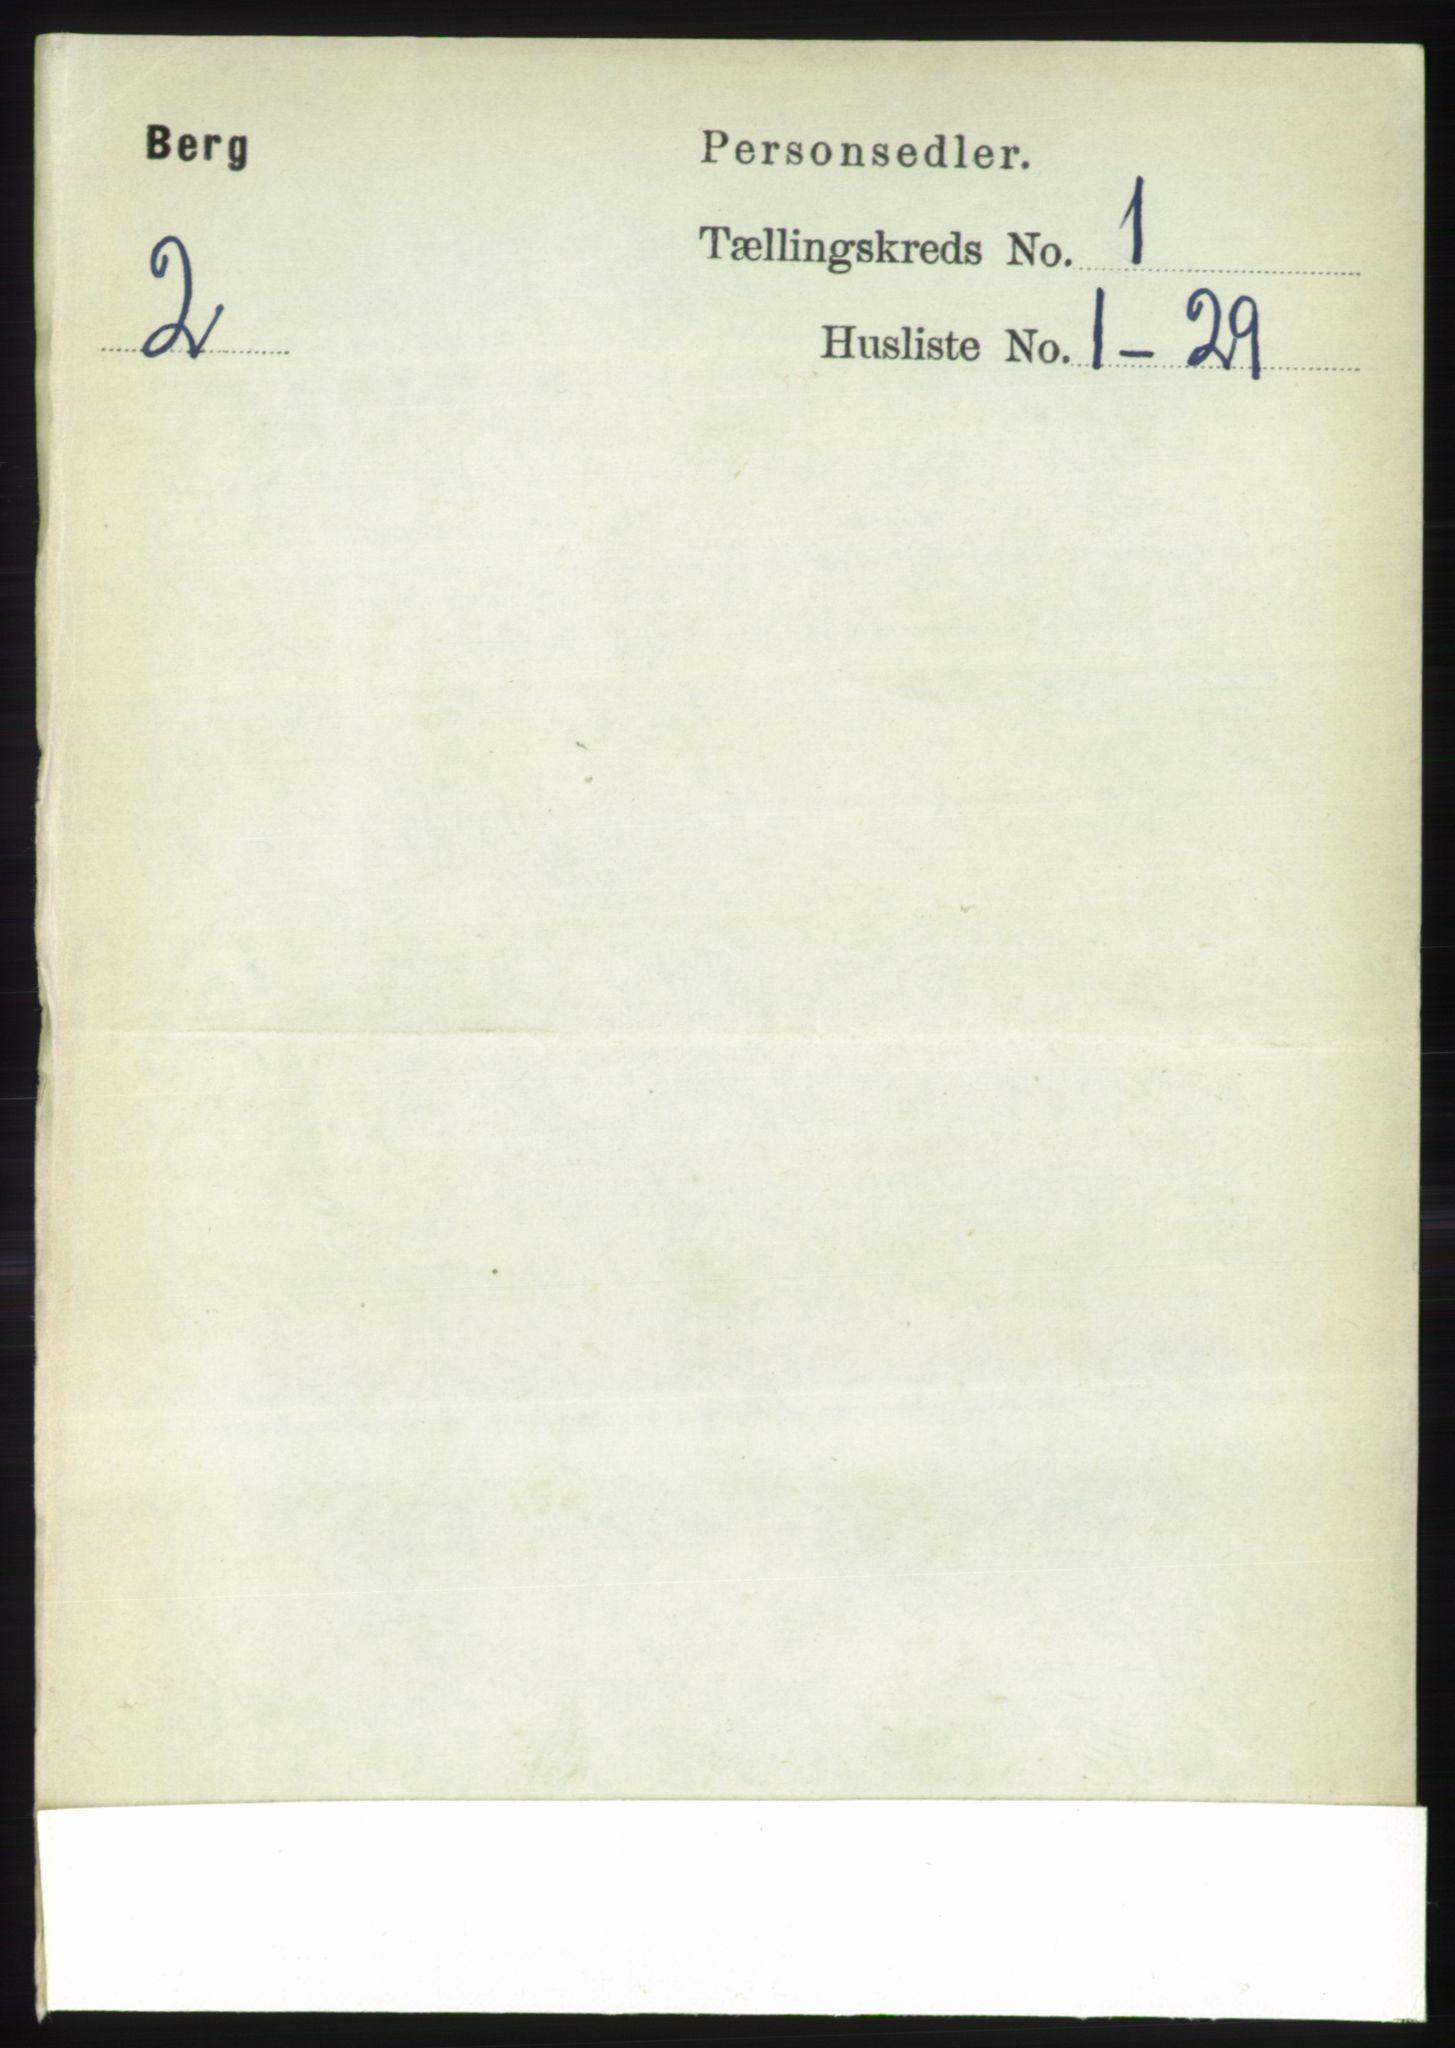 RA, Folketelling 1891 for 1929 Berg herred, 1891, s. 94